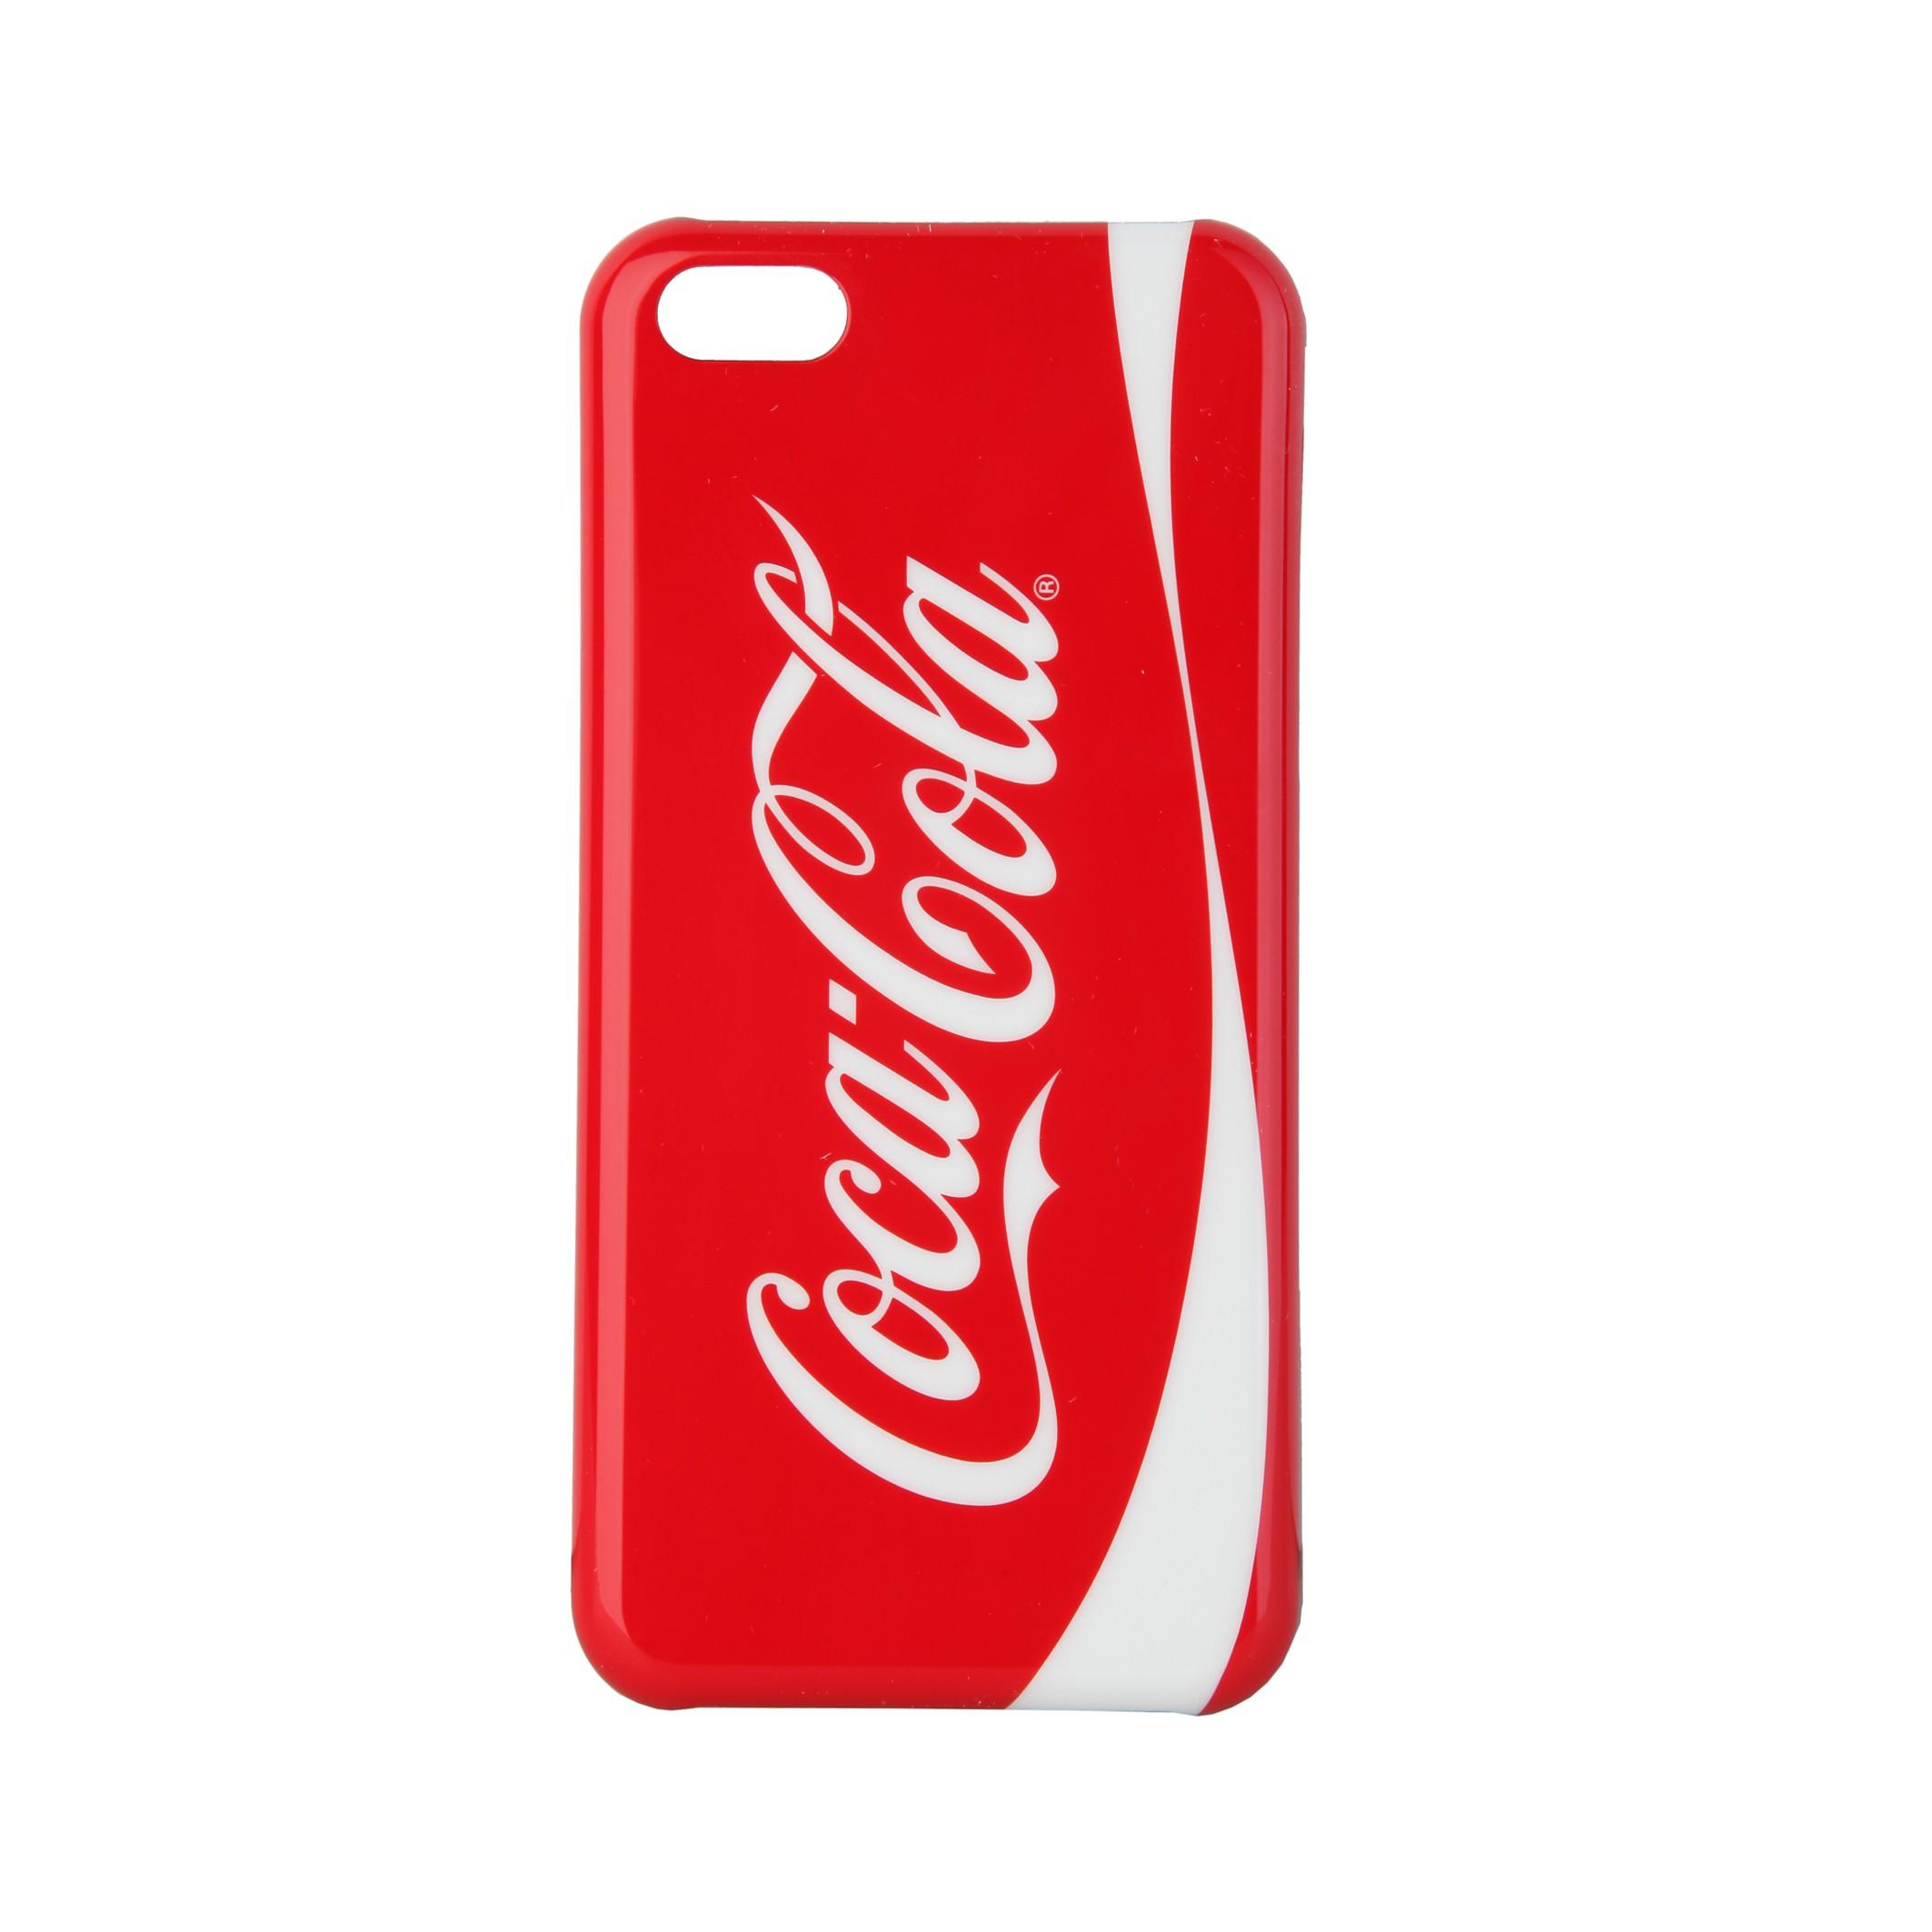 Coque étui Coca-Cola Logo Coke pour iPhone 5C, impression IML, coloris rouge / blanc